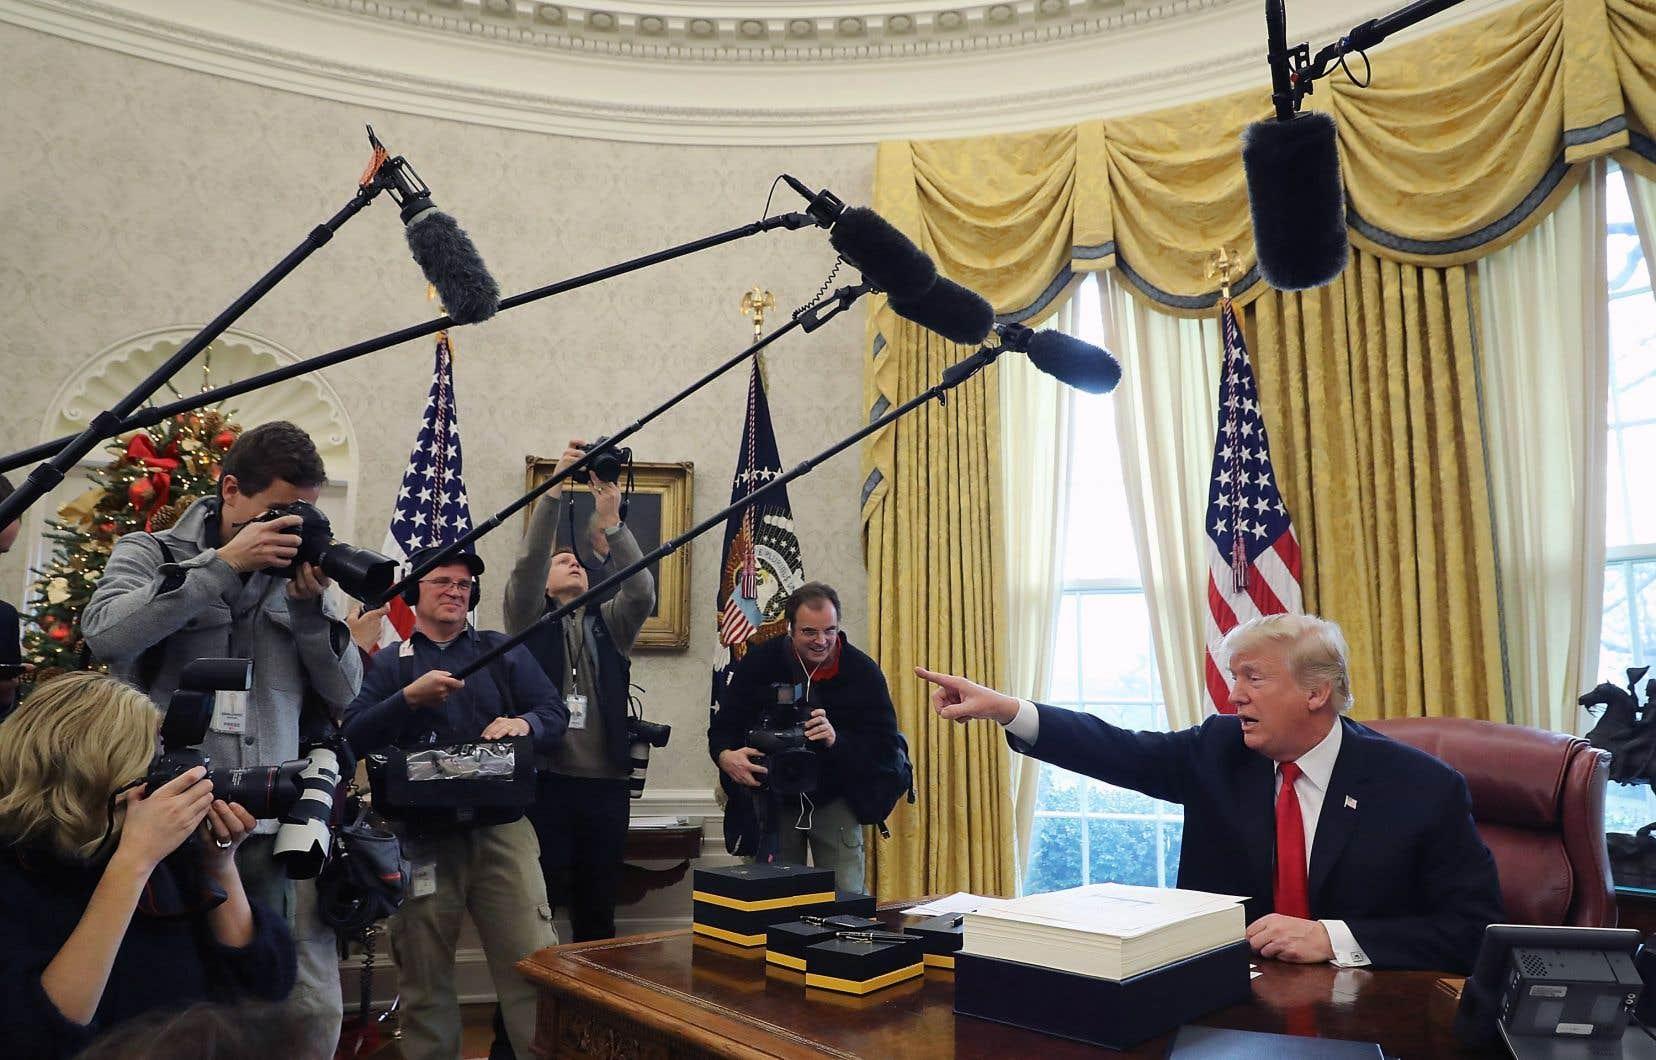 <p>Les États-Unis de Donald Trump, pays du 1er amendement qui sacralise la liberté d'expression, perdentdeux places au classement, et tombent au 45e rang.</p>